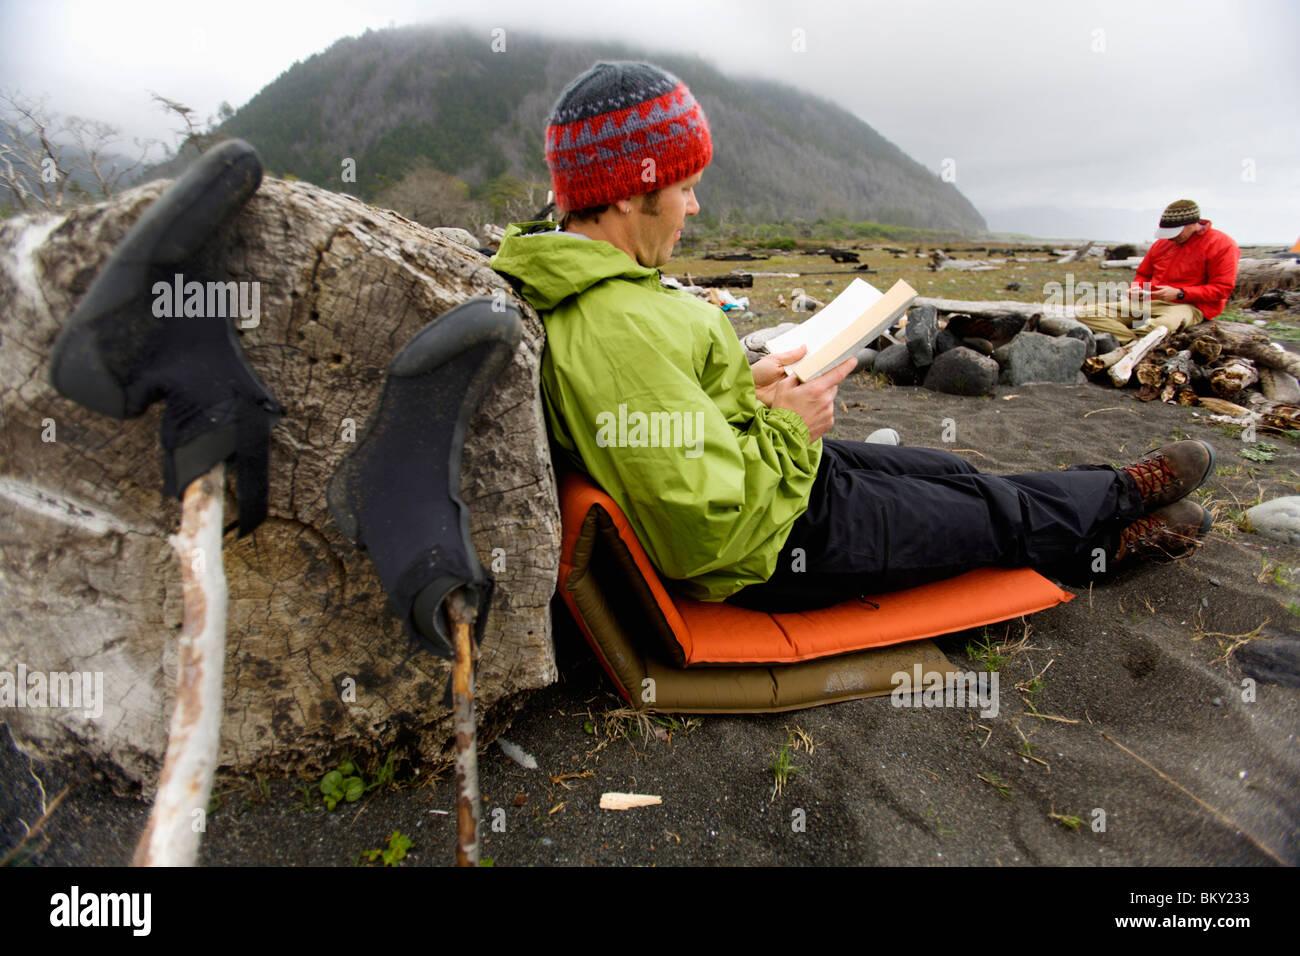 Dos hombres encuentran placer en campamento en la costa perdida, California. Imagen De Stock